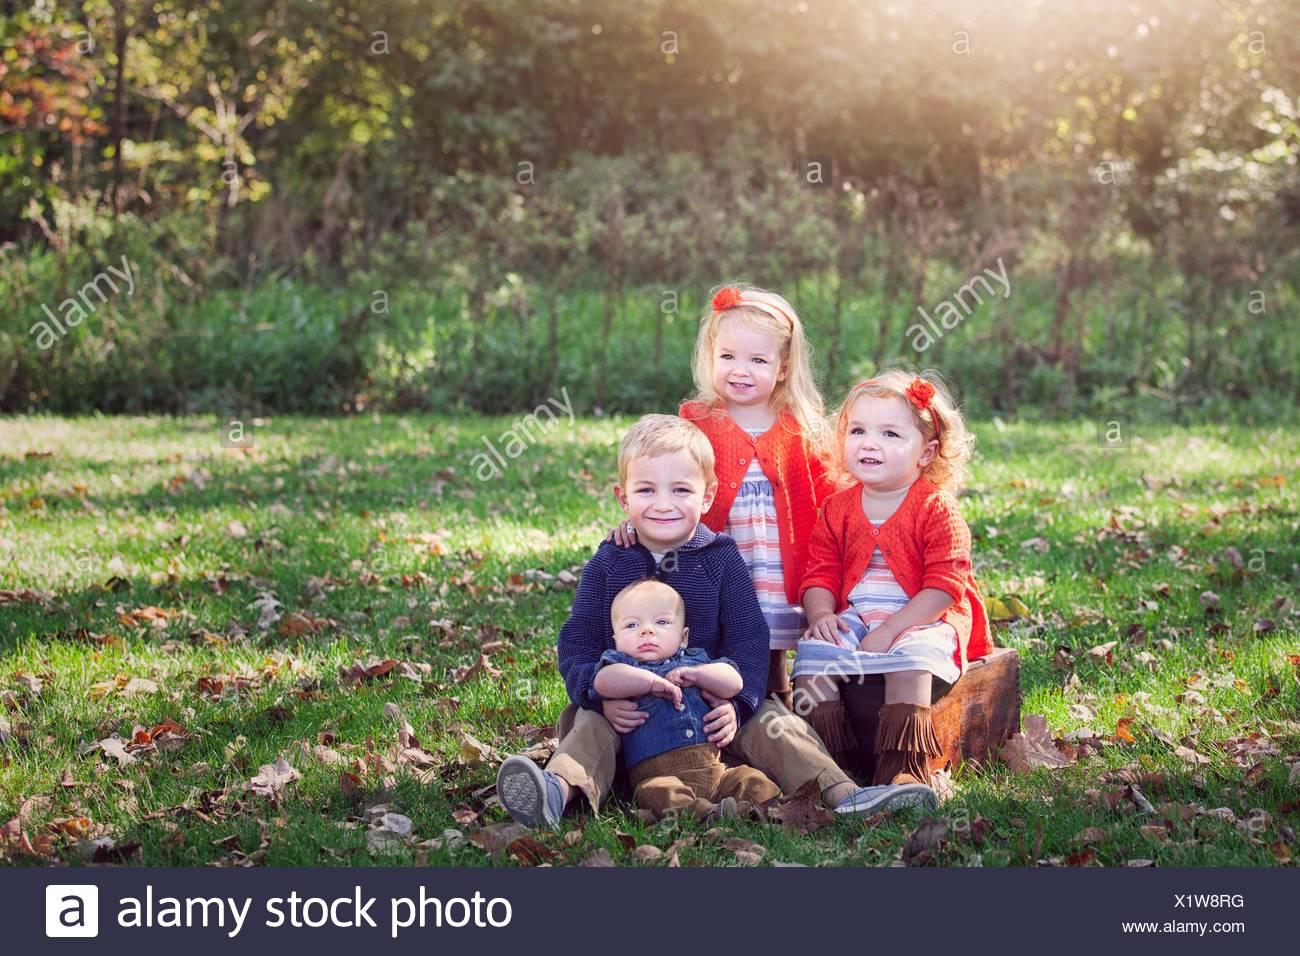 Quattro bambini famiglia su foglie di autunno ricoperto di erba che posano per una foto sorridente Immagini Stock